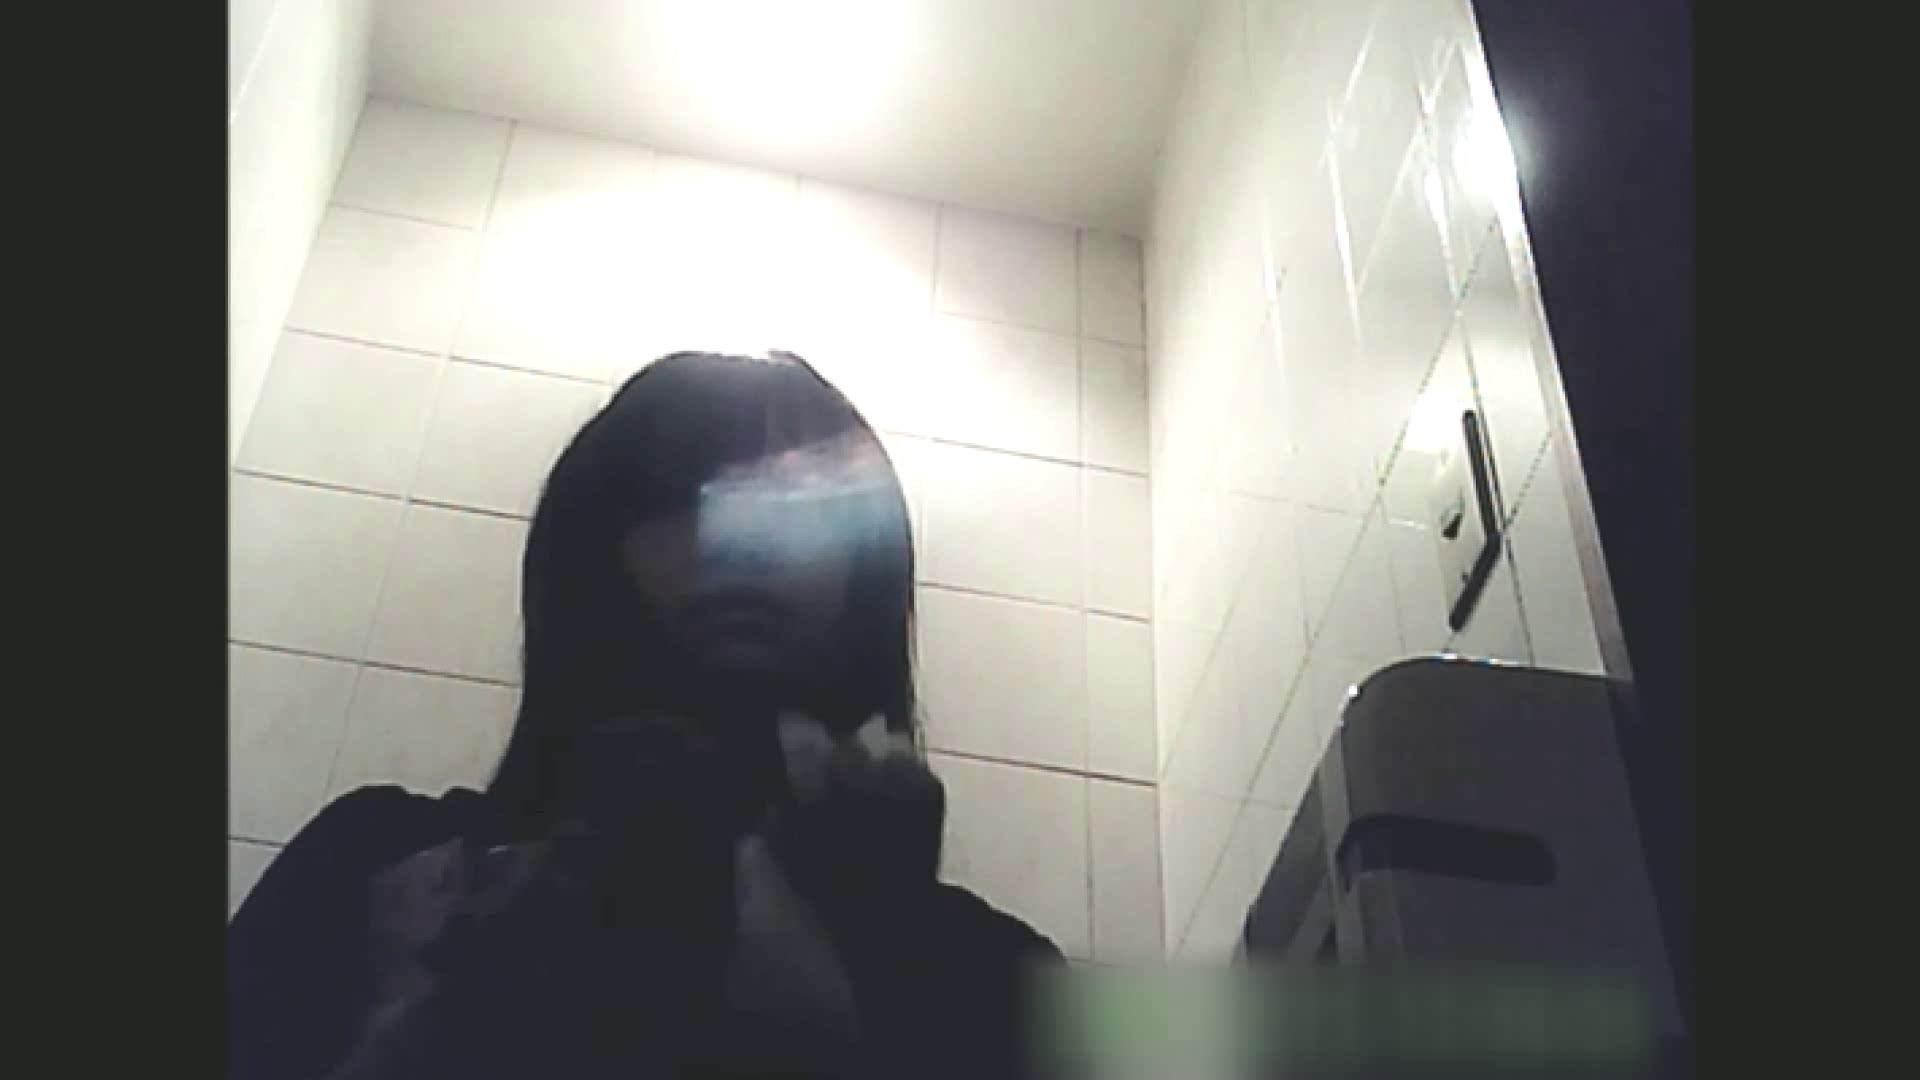 実録!!綺麗なお姉さんのトイレ事情・・・。vol.4 美女エロ画像 のぞき動画画像 39PICs 17